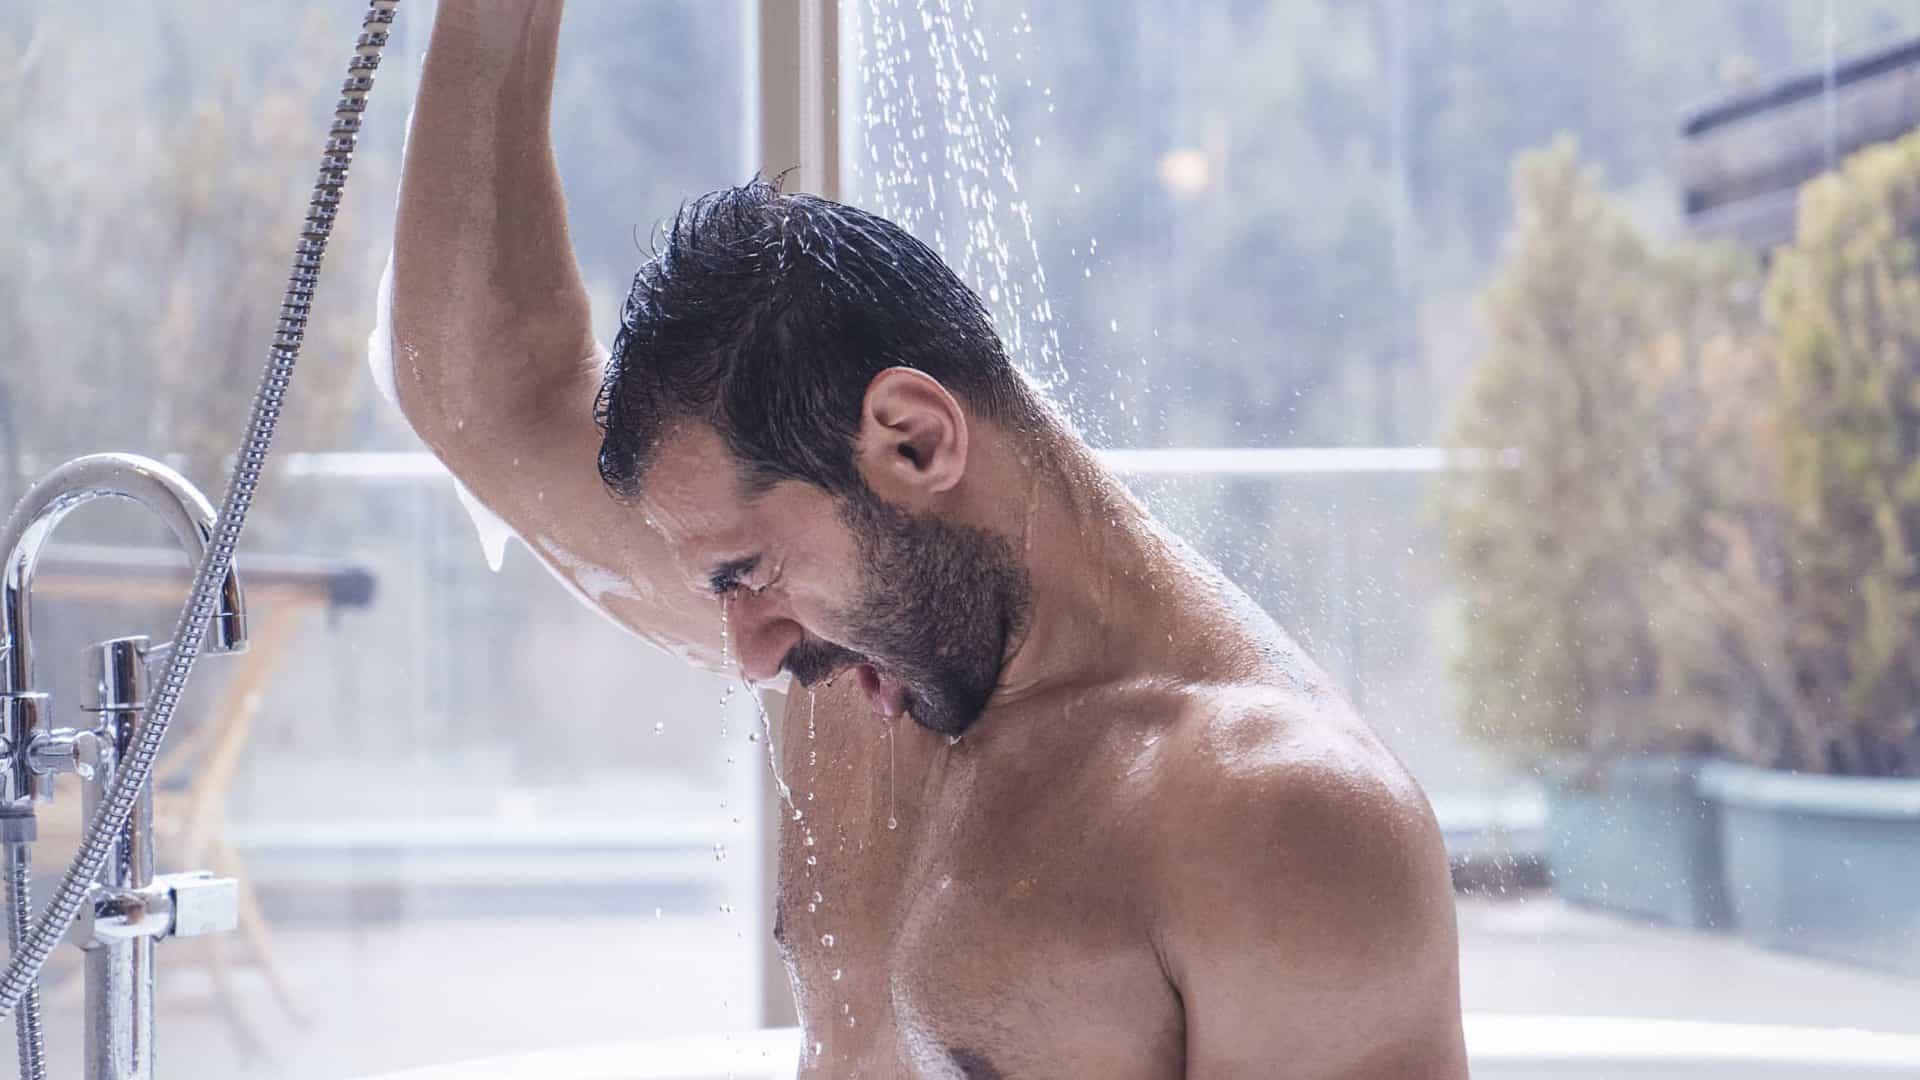 Um em cada quatro franceses não toma banho todos os dias, aponta pesquisa